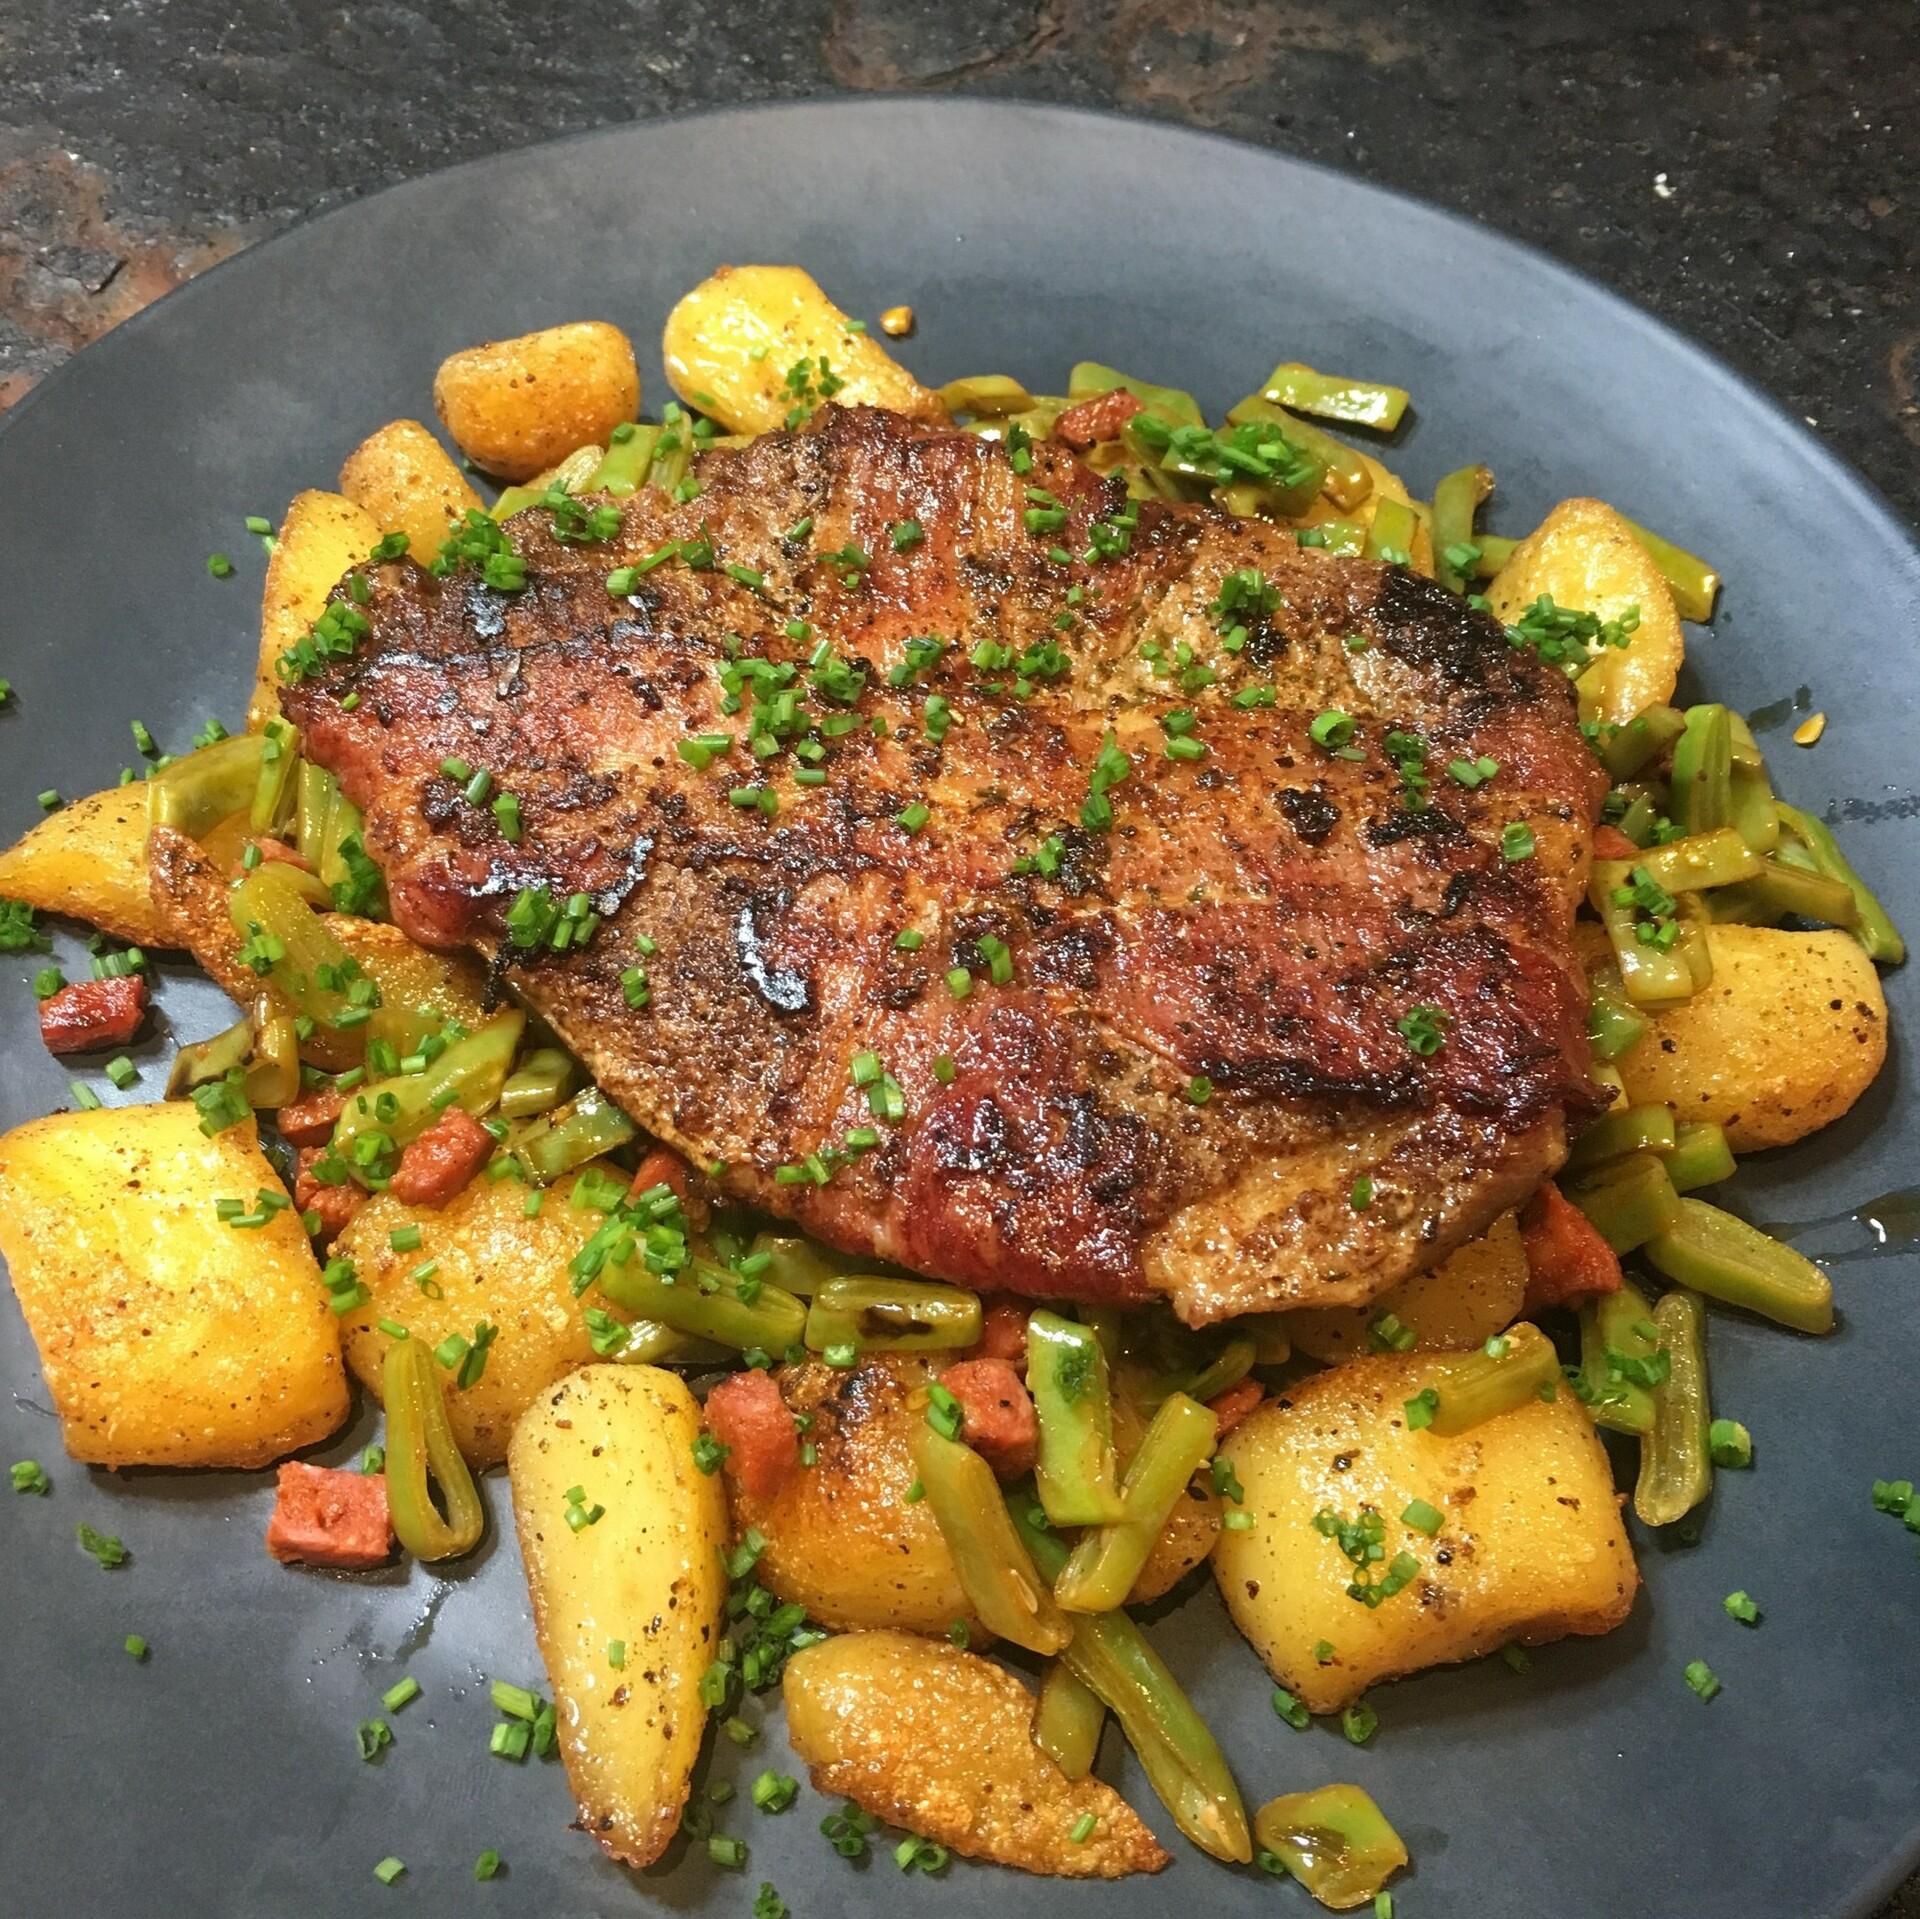 Houthakkerssteak met snijbonen, aardappel en chorizo